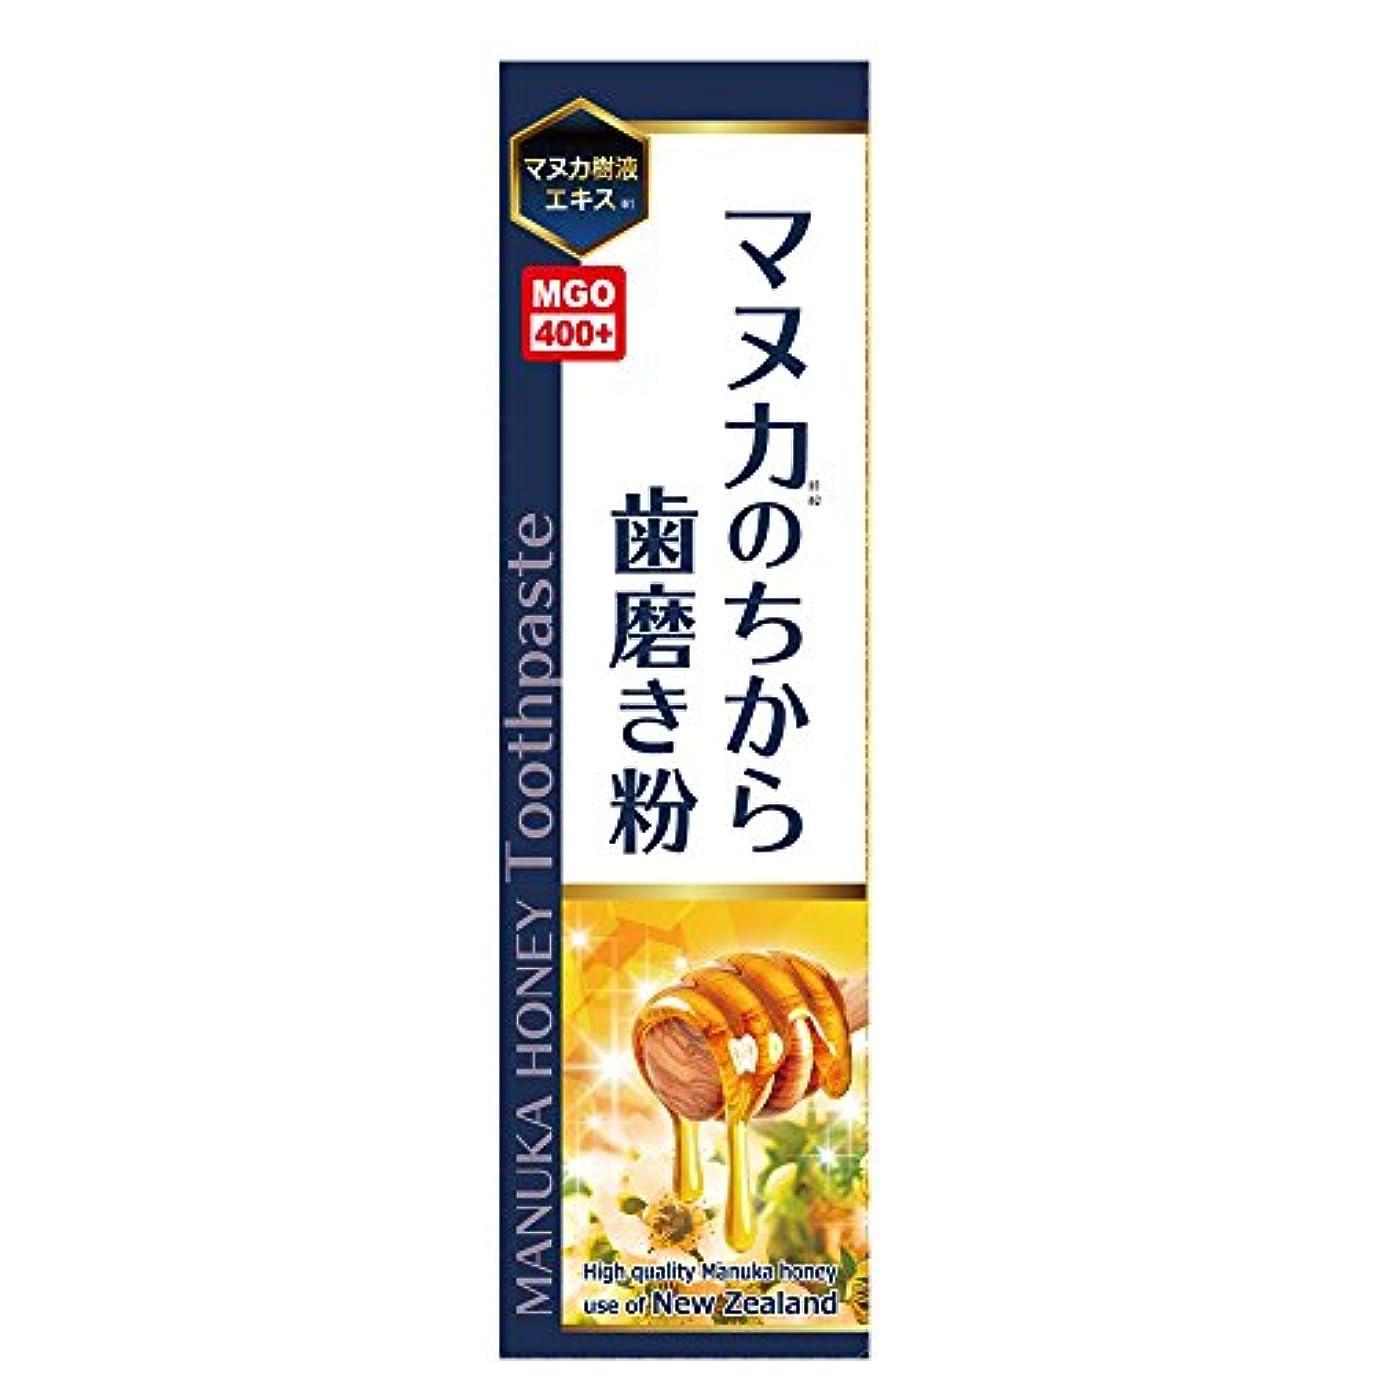 においウガンダ汚すマヌカのちから歯磨き粉 ハチミツレモン味 100g